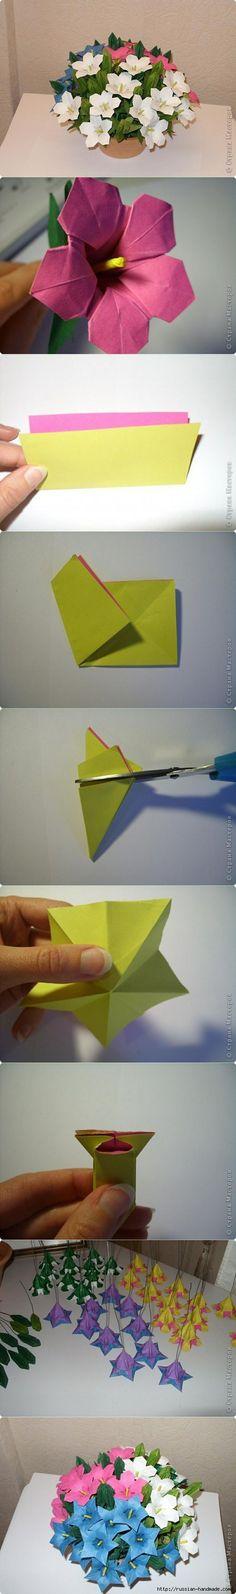 DIY Beautiful Paper Origami: